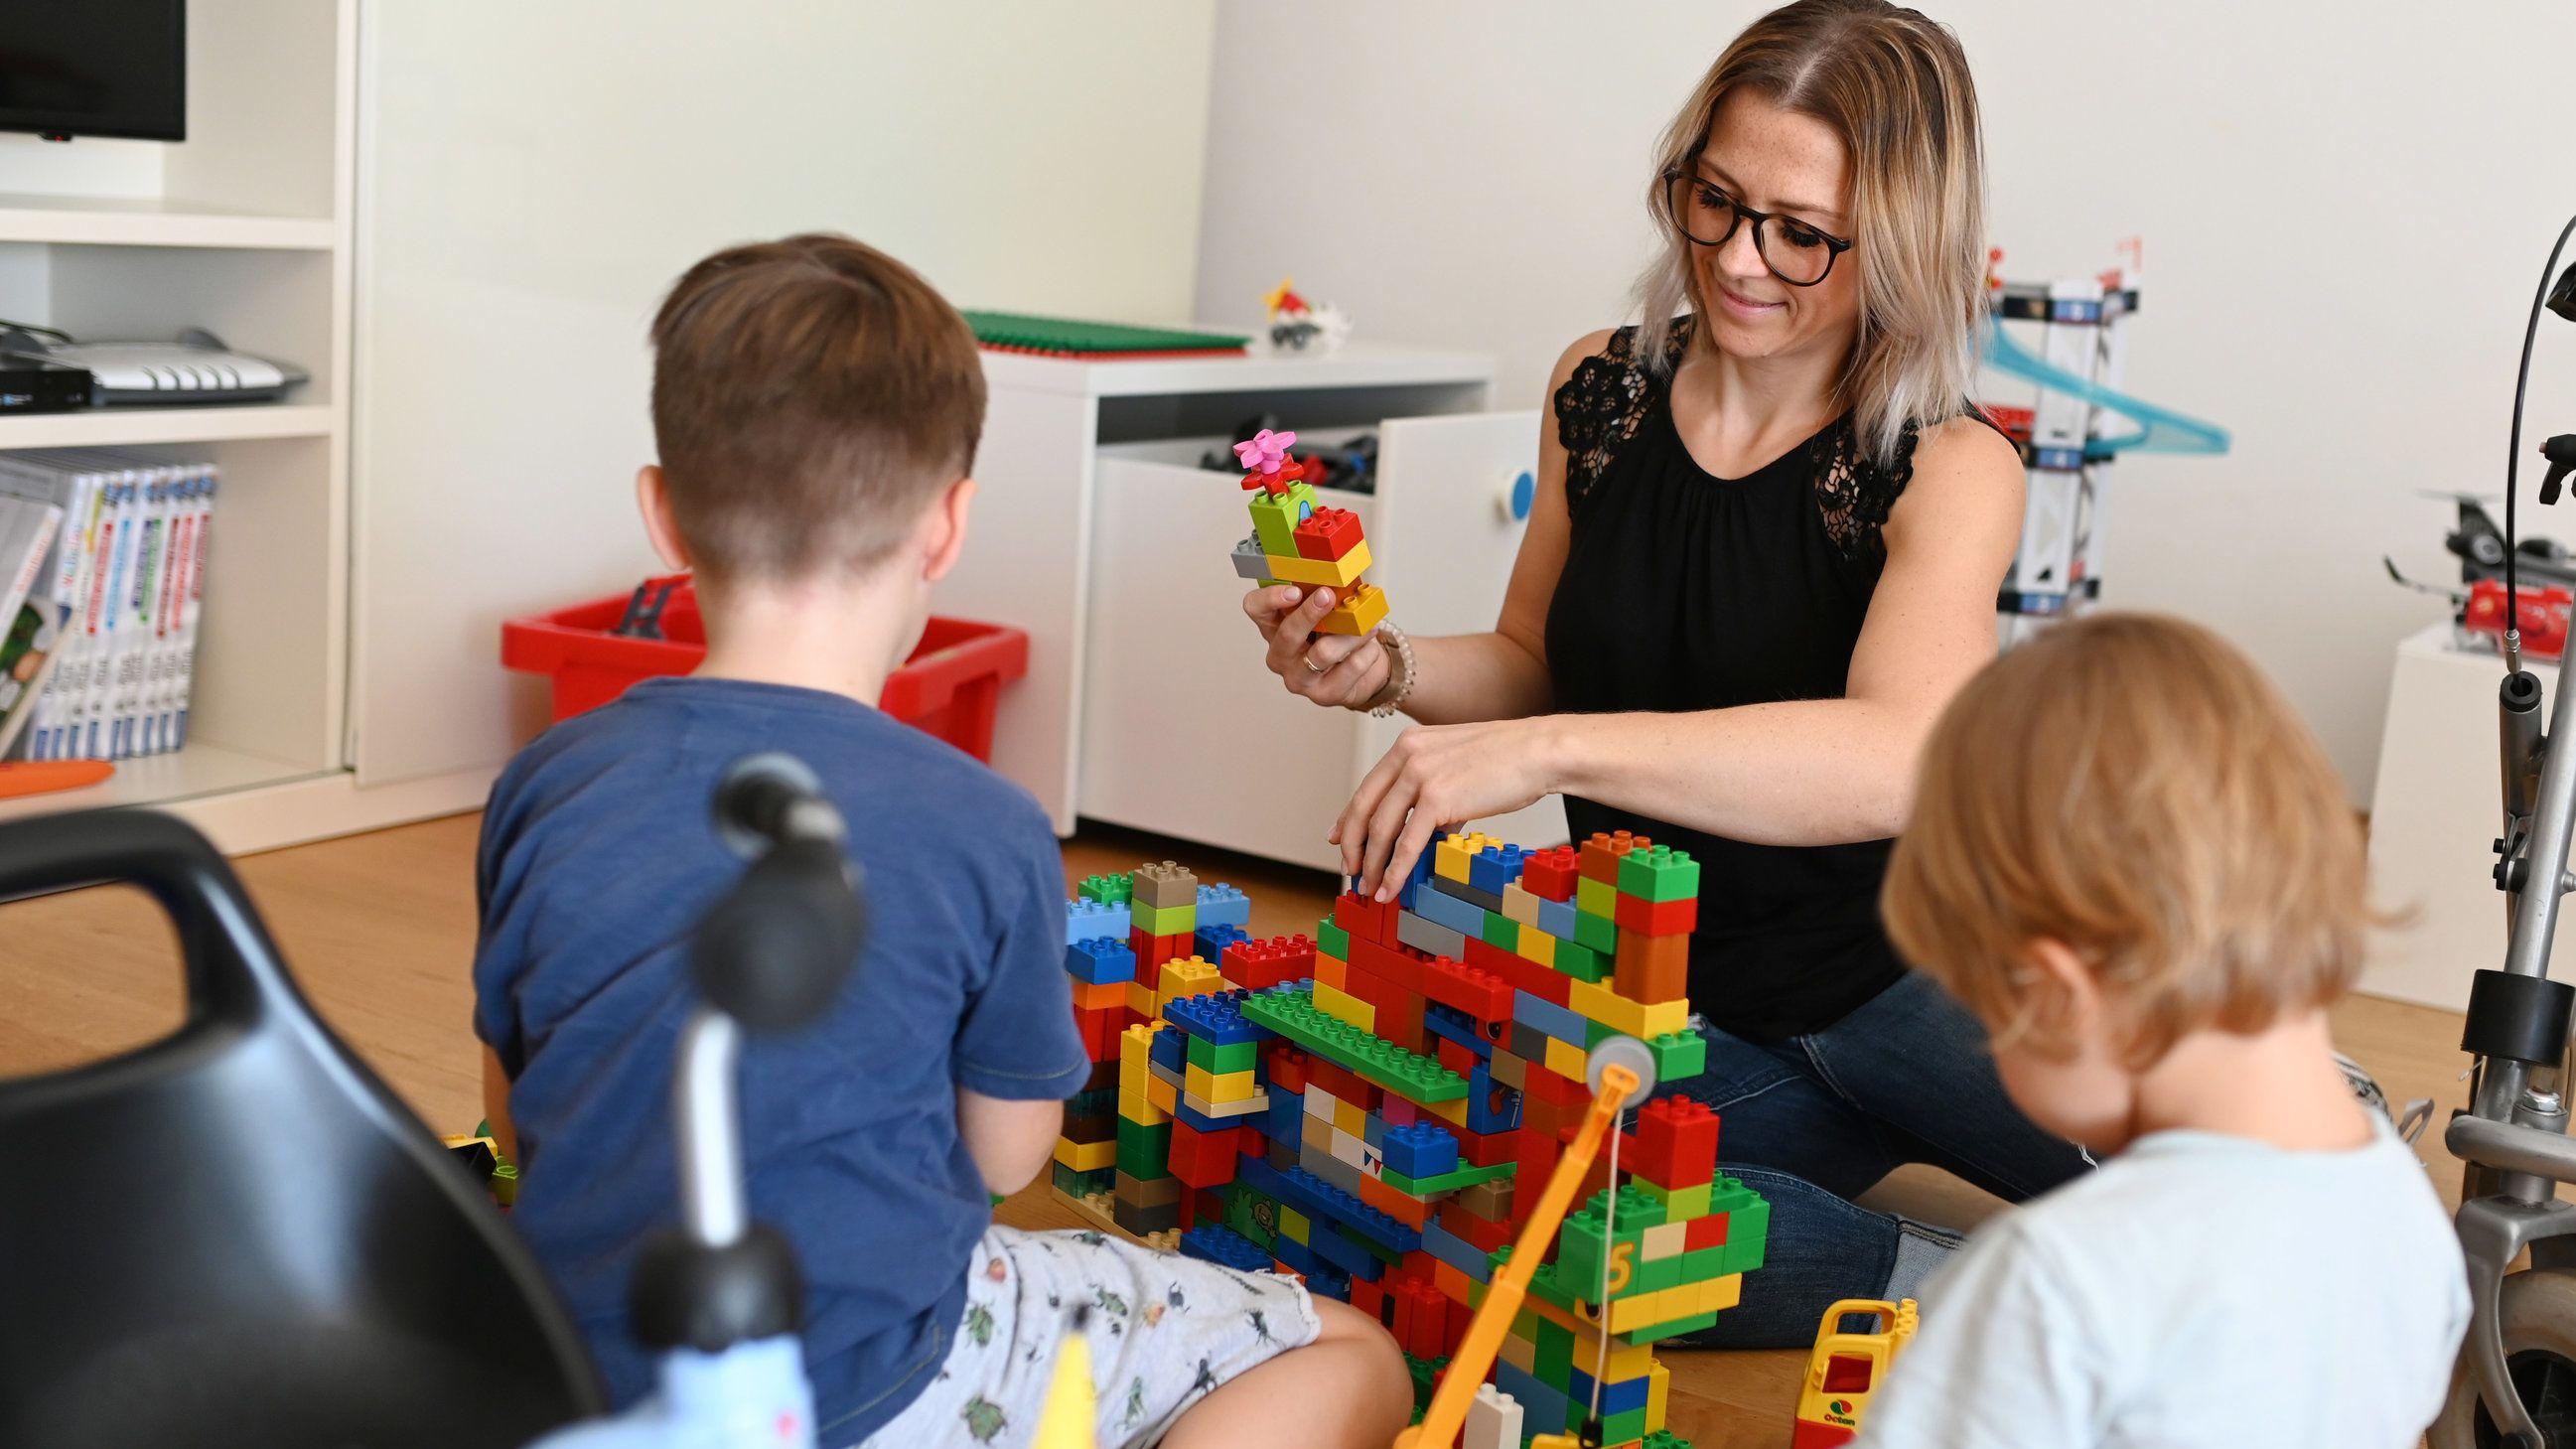 Zwei Kinder sitzen mit einer Frau in einem Zimmer am Boden und bauen einen Turm aus Duplo.